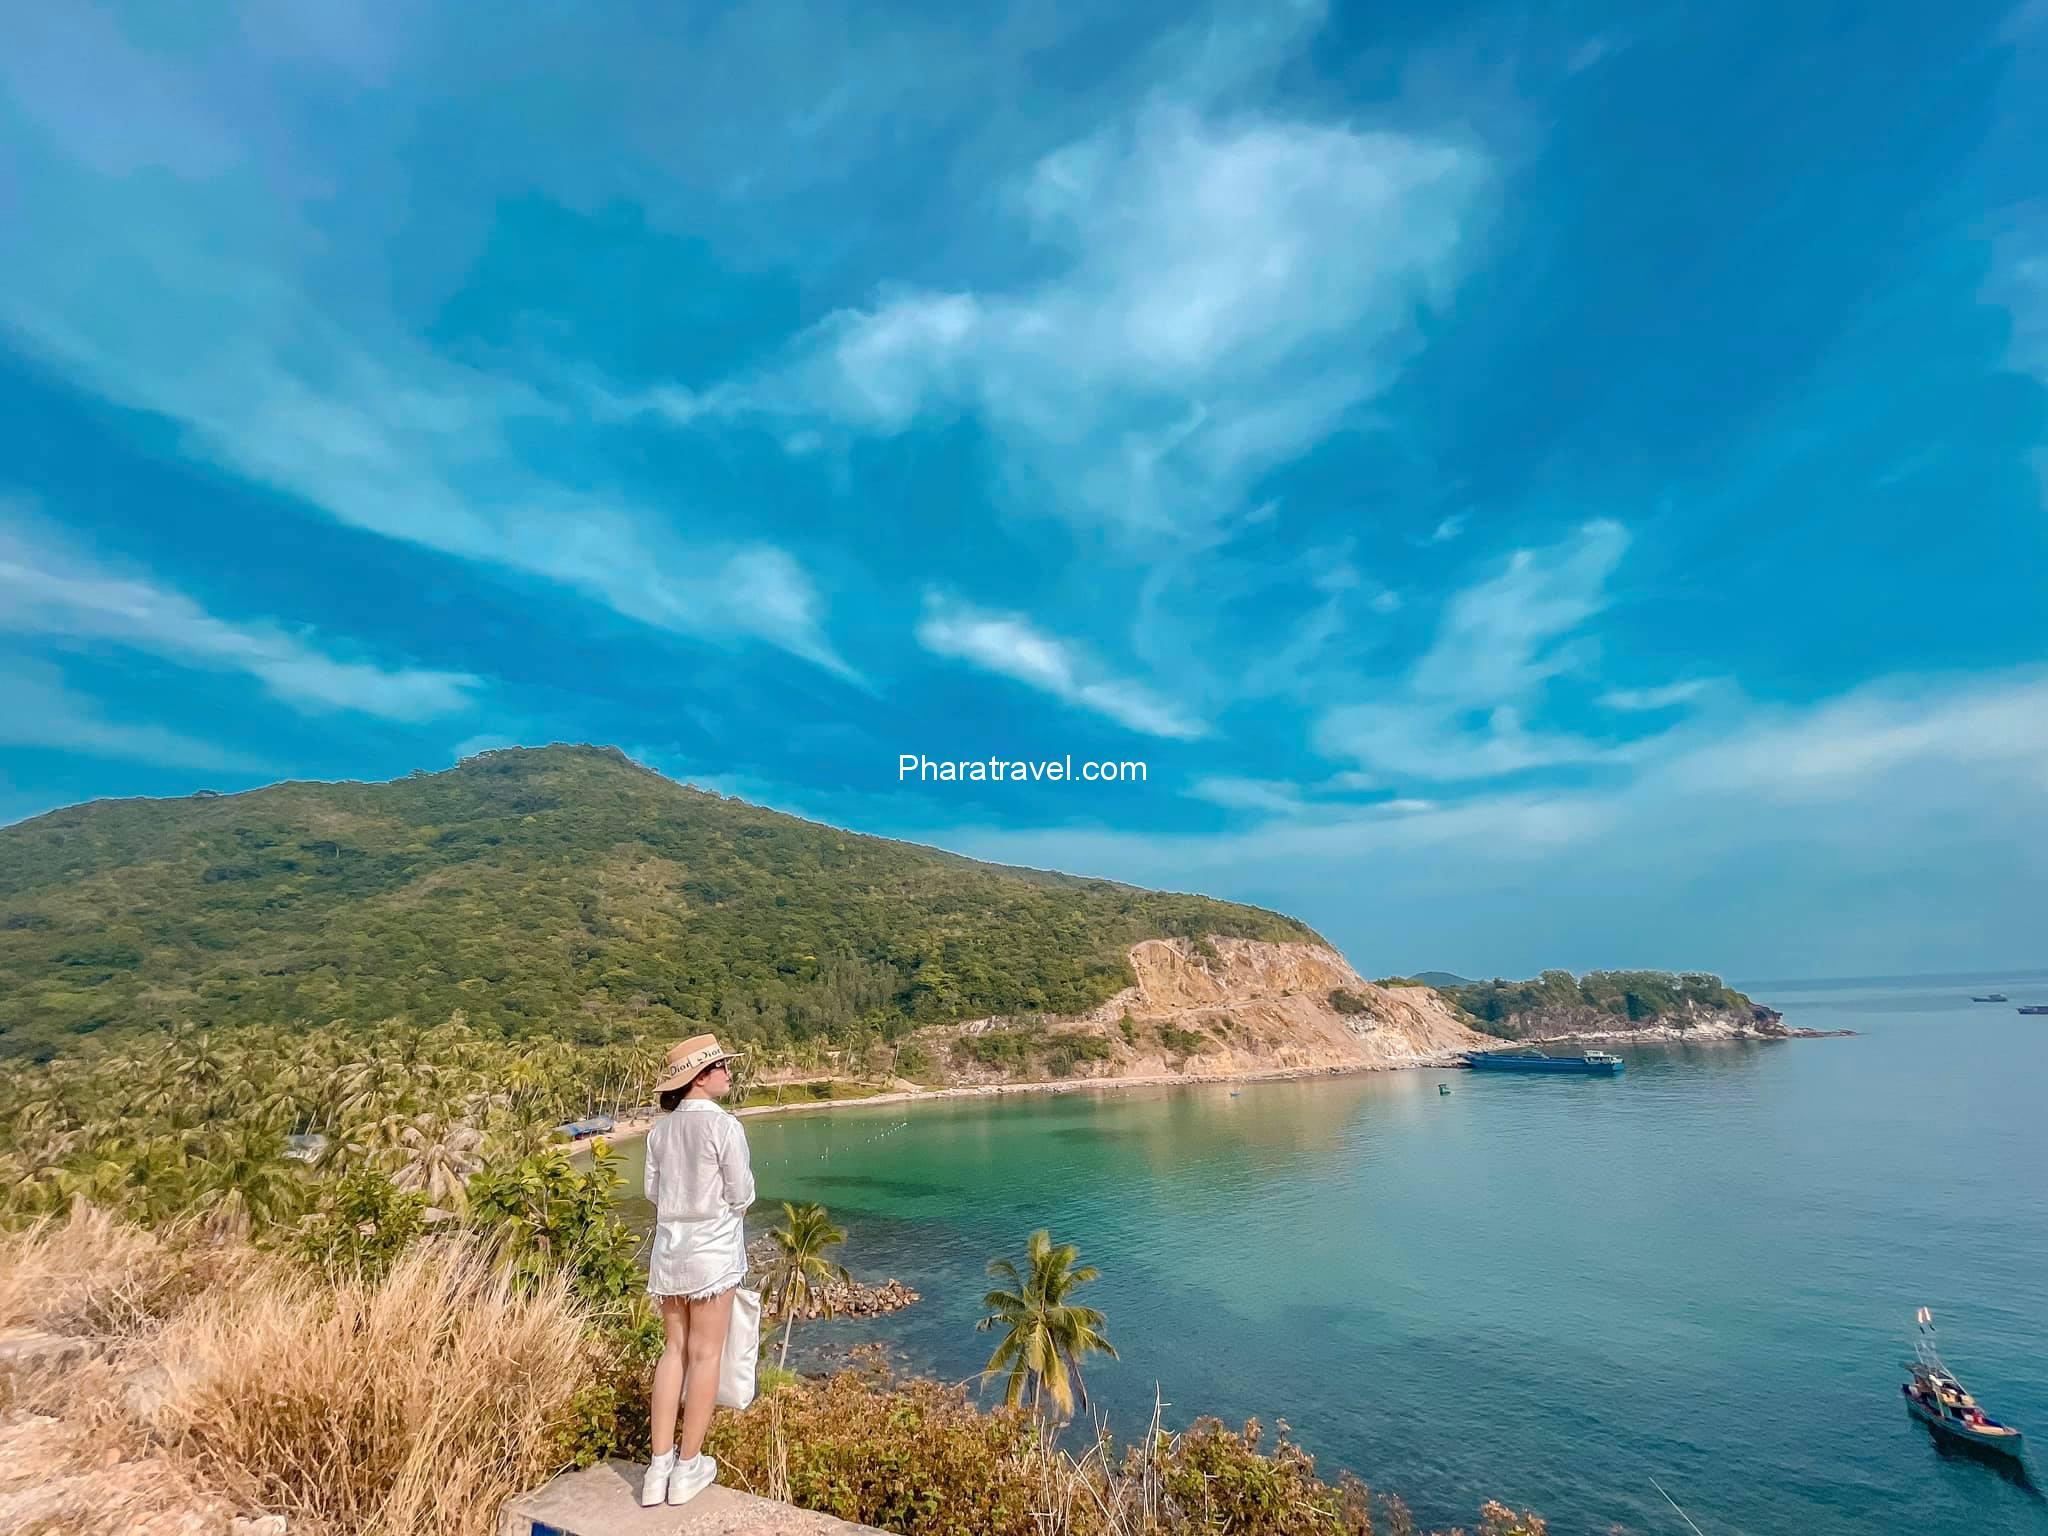 Cẩm nang & Kinh nghiệm phượt du lịch đảo Nam Du tự túc A-Z